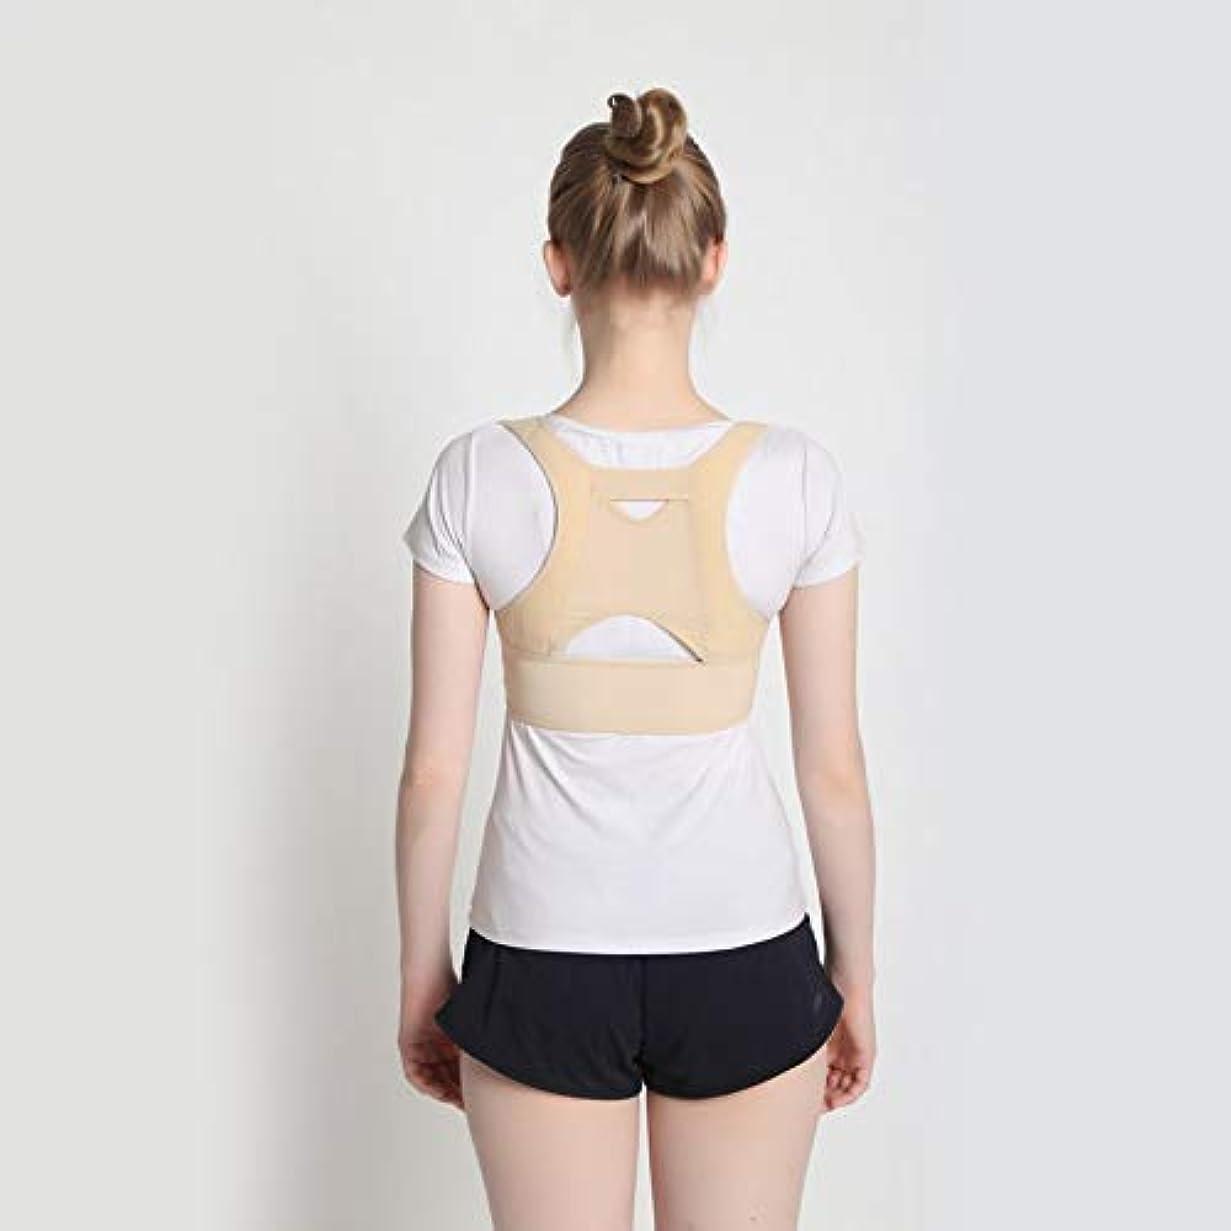 位置する幸福解凍する、雪解け、霜解け通気性のある女性の背中の姿勢矯正コルセット整形外科の肩の背骨の背骨の姿勢矯正腰椎サポート